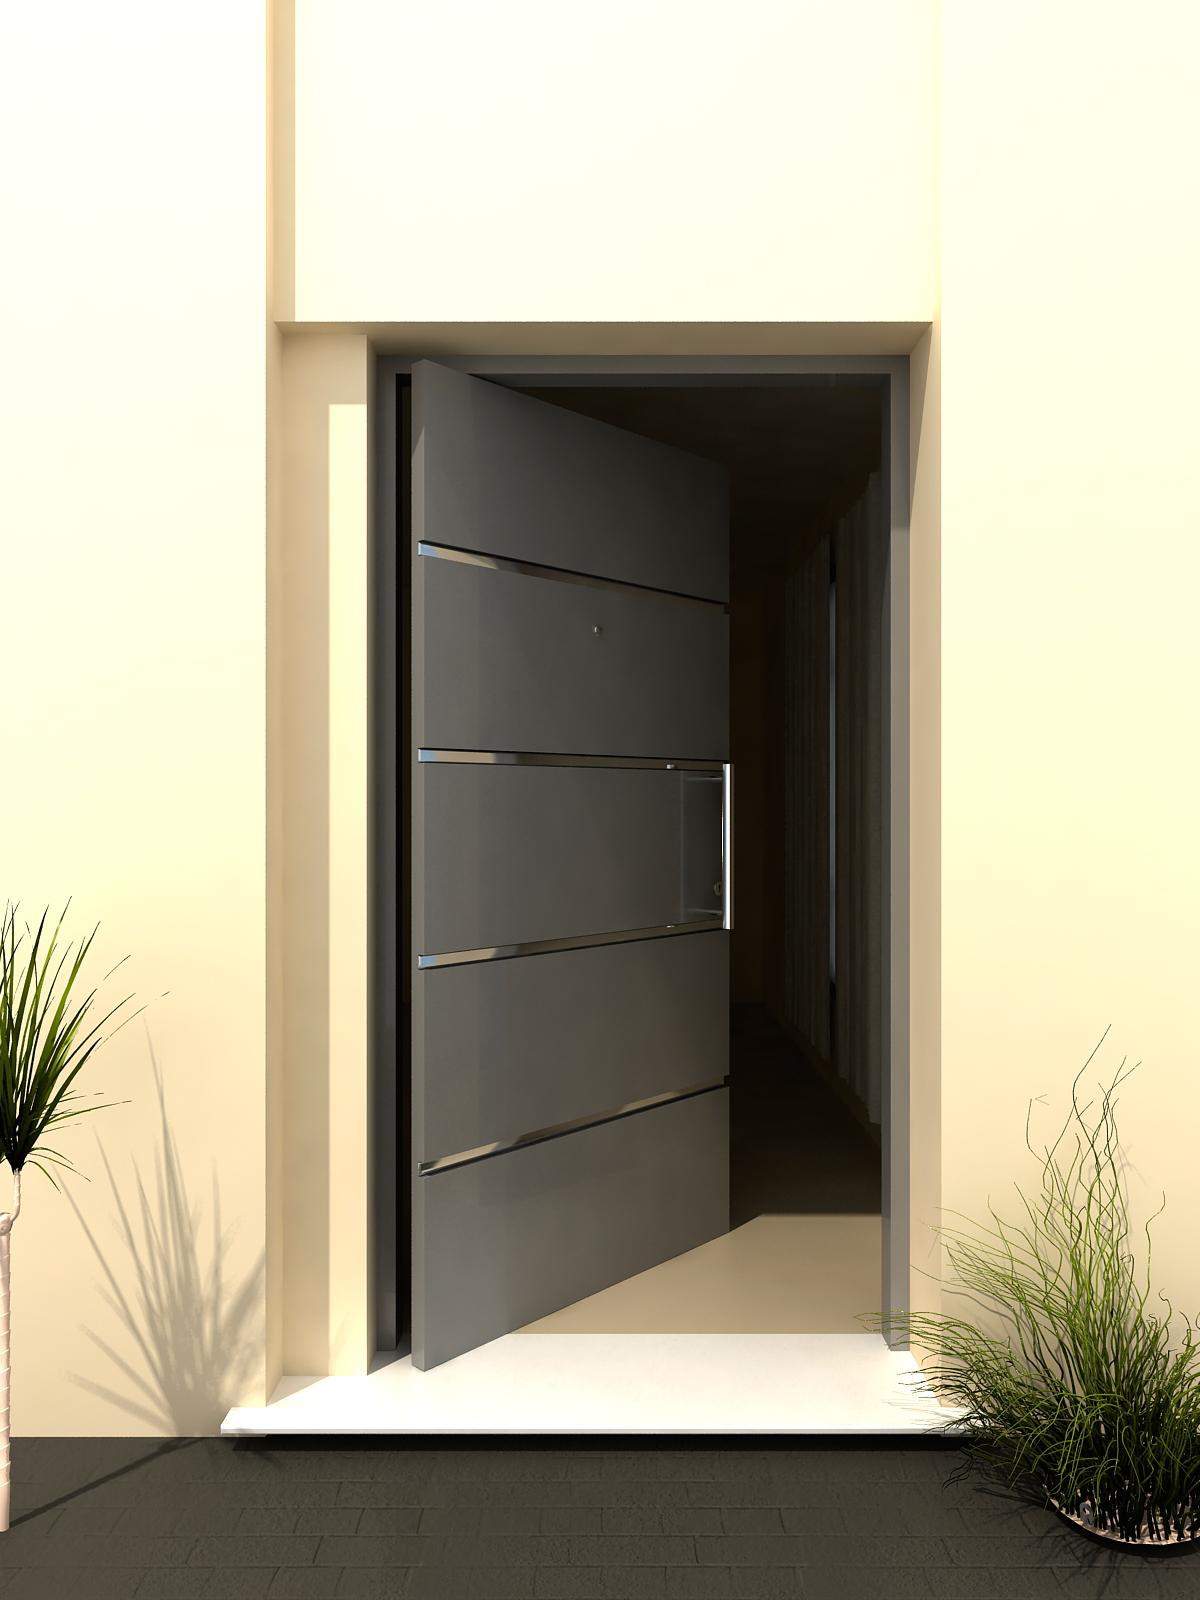 Puertas metalicas de exterior materiales de construcci n for Puertas metalicas